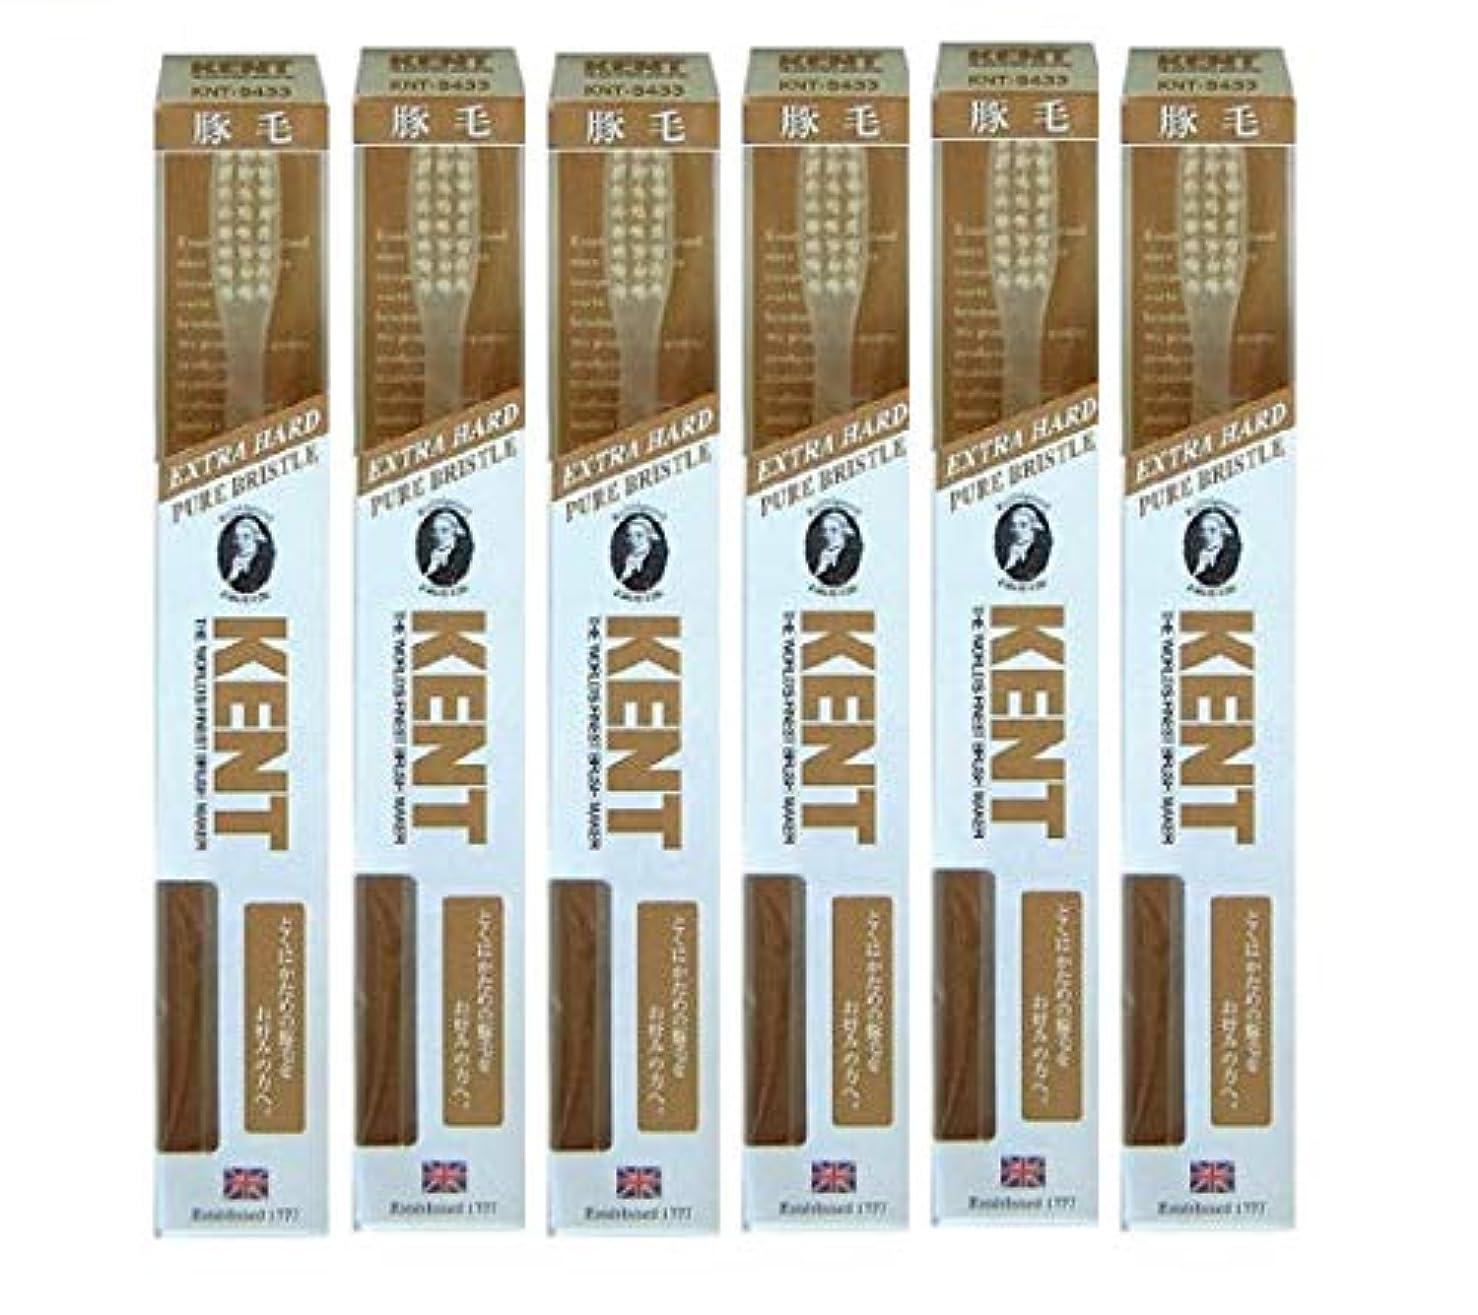 バンダンス一般的に【6本セット】KENT 豚毛歯ブラシ KNT-9433 ラージヘッド 超かため